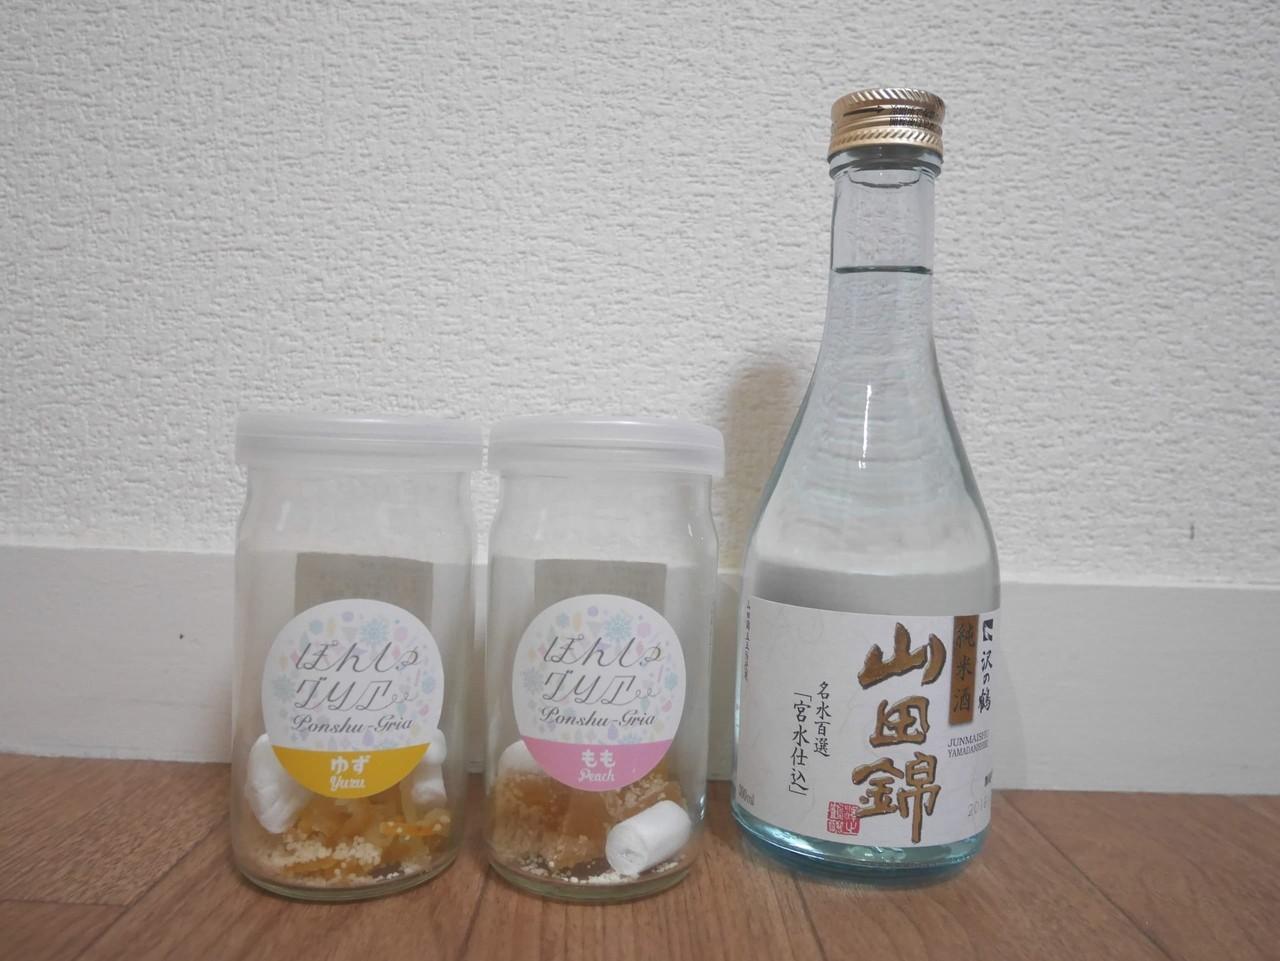 日本酒カクテルの素・ぽんしゅグリアと沢の鶴「山田錦」